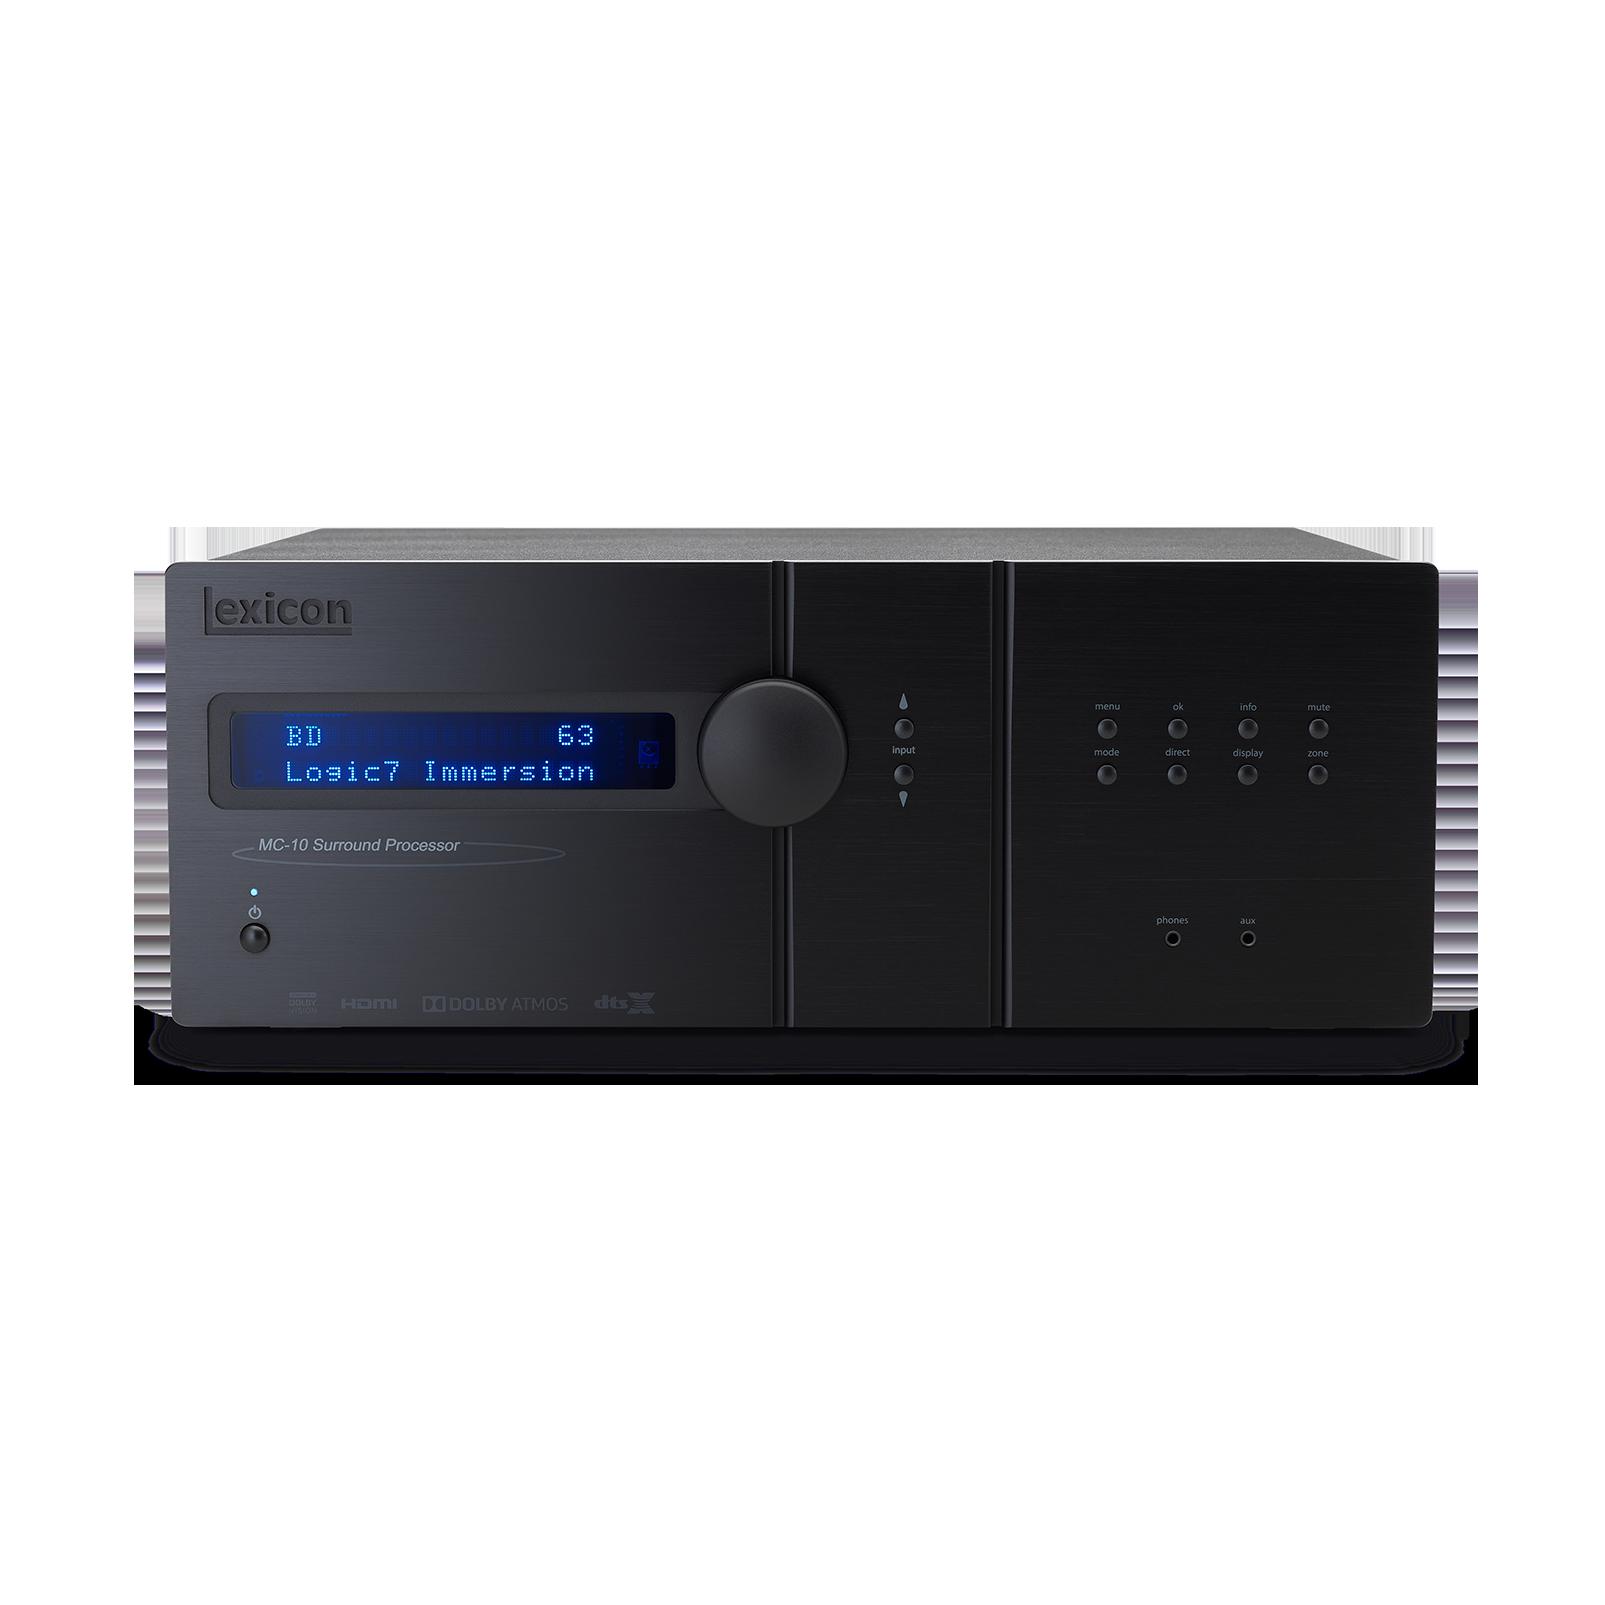 Lexicon MC-10 - Black - Immersive Surround Sound AV Processor - Front